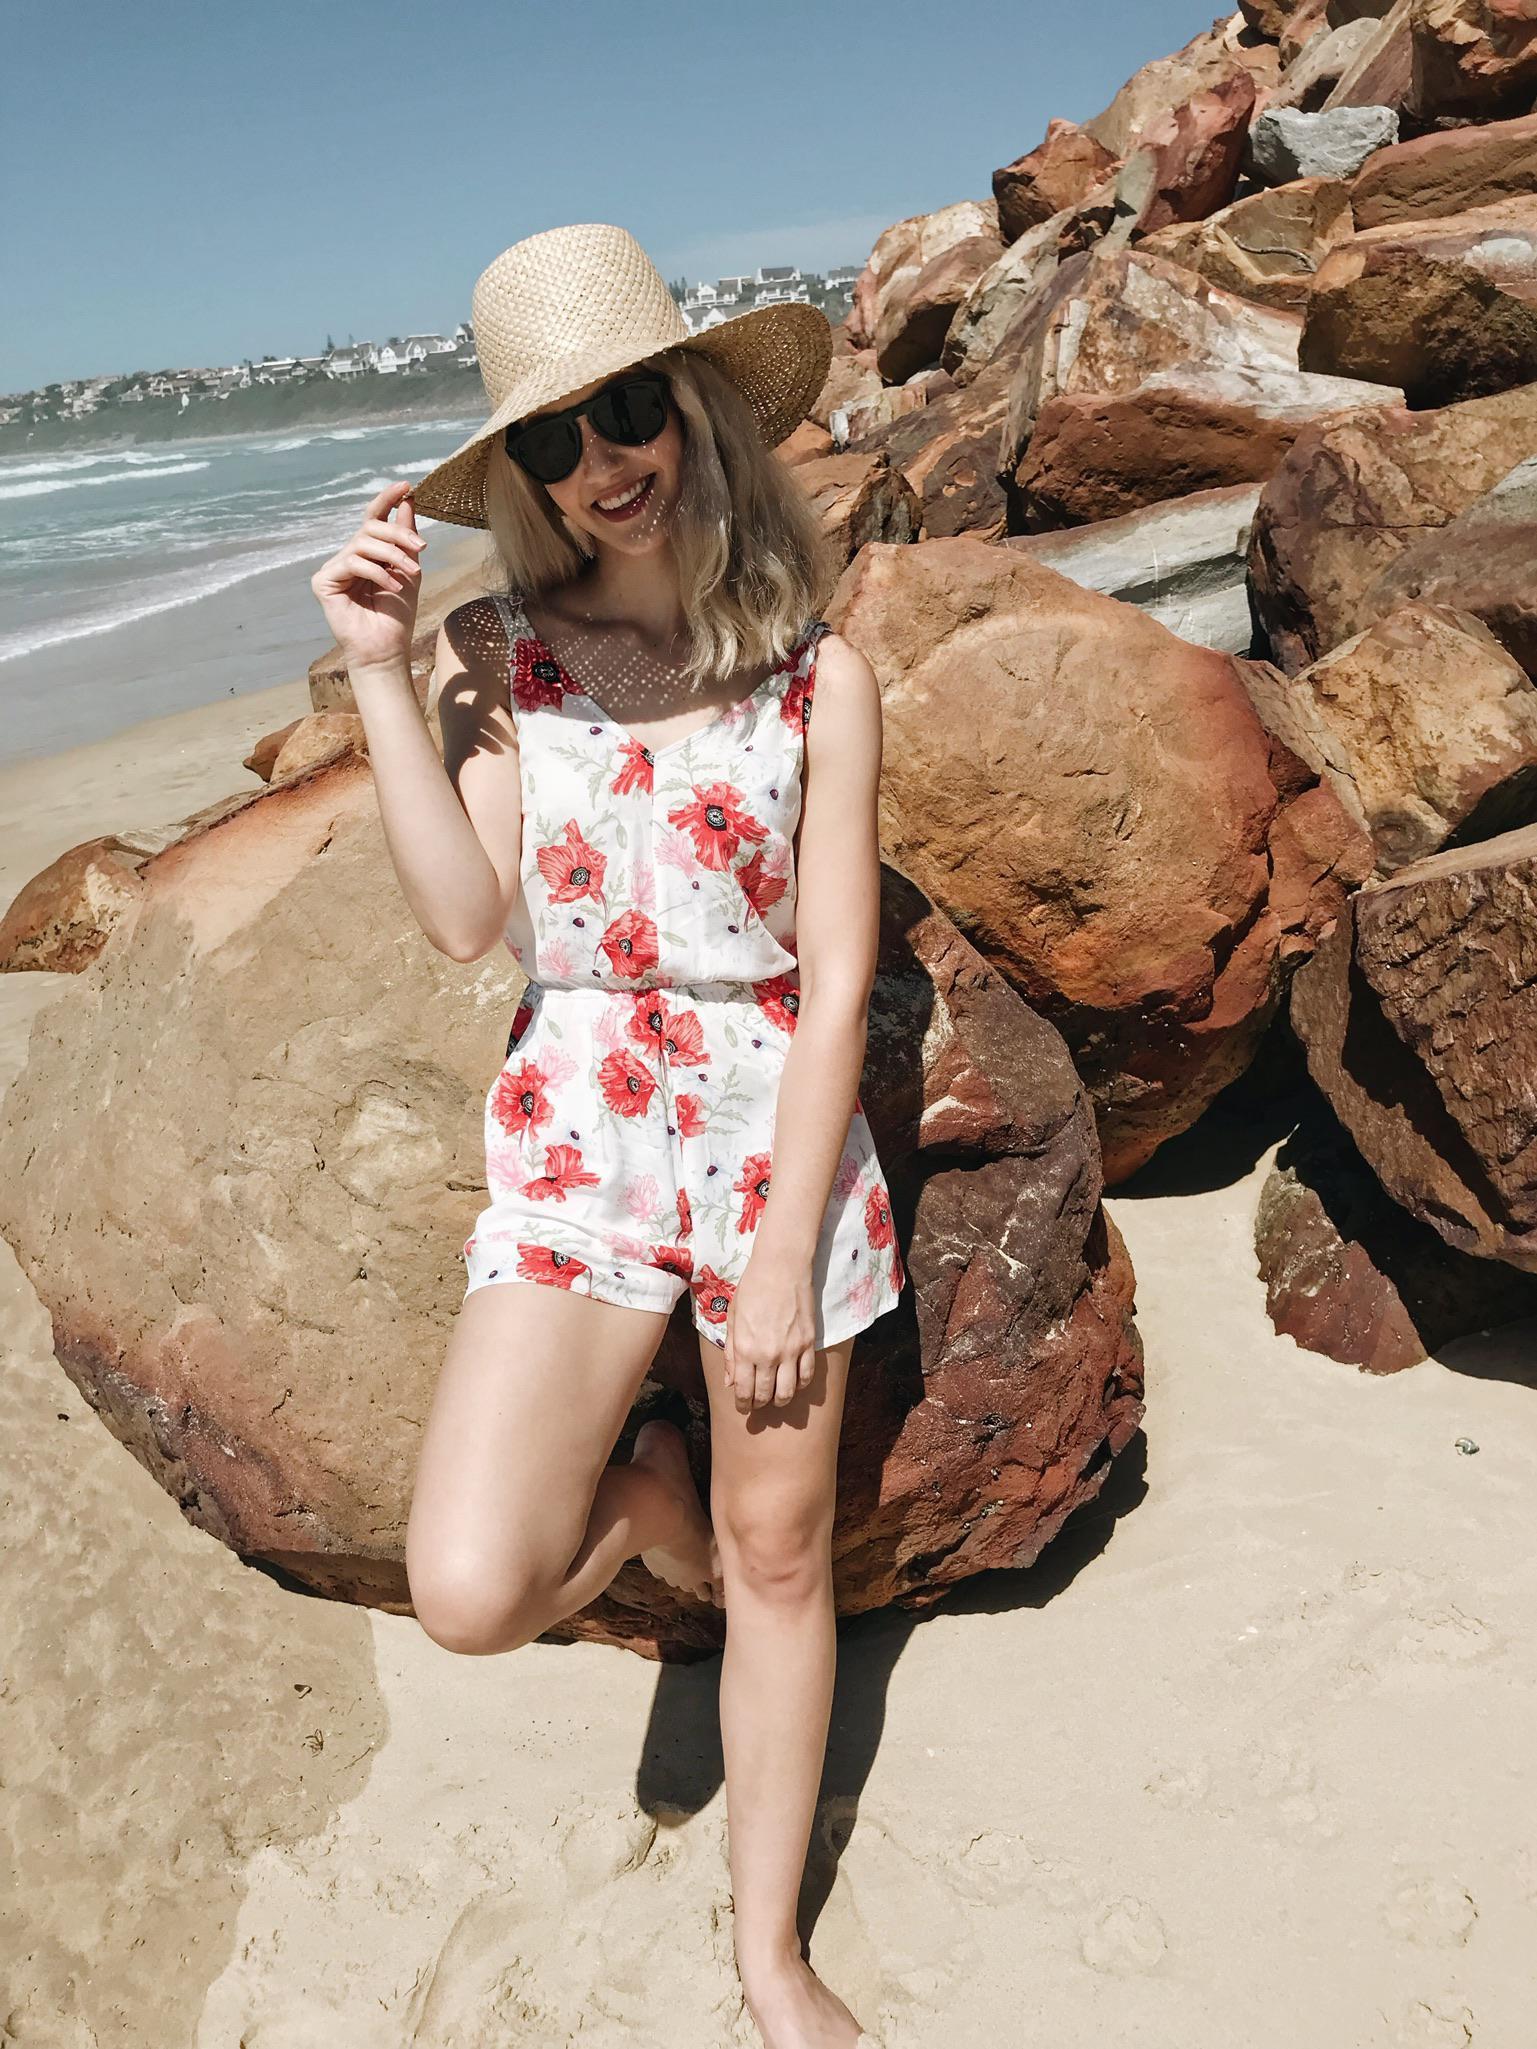 Lauren Carmen on the beach